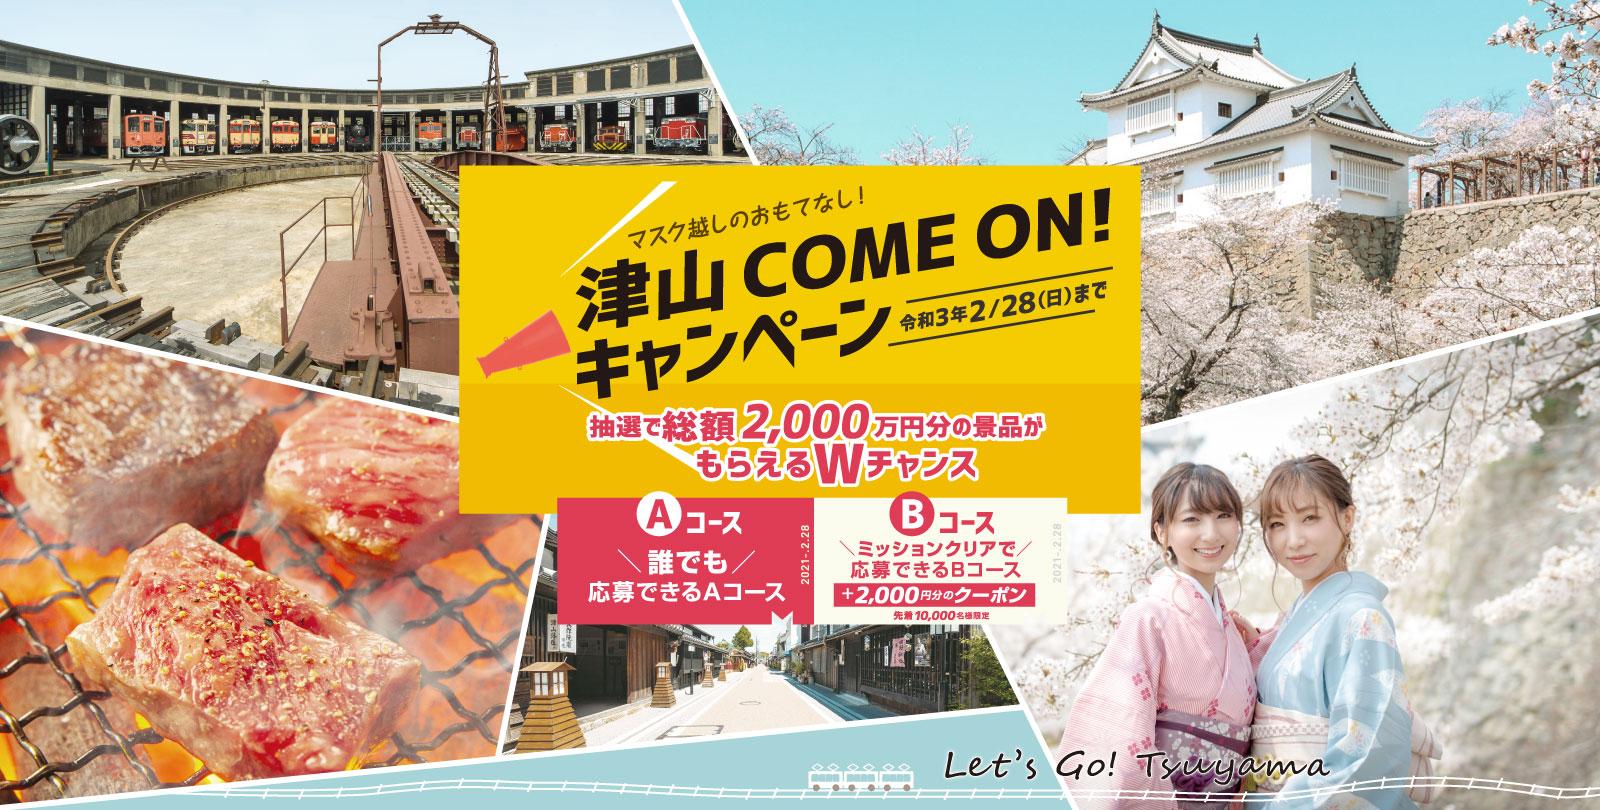 マスク越しのおもてなし! 津山 COME ON(カモン)キャンペーン